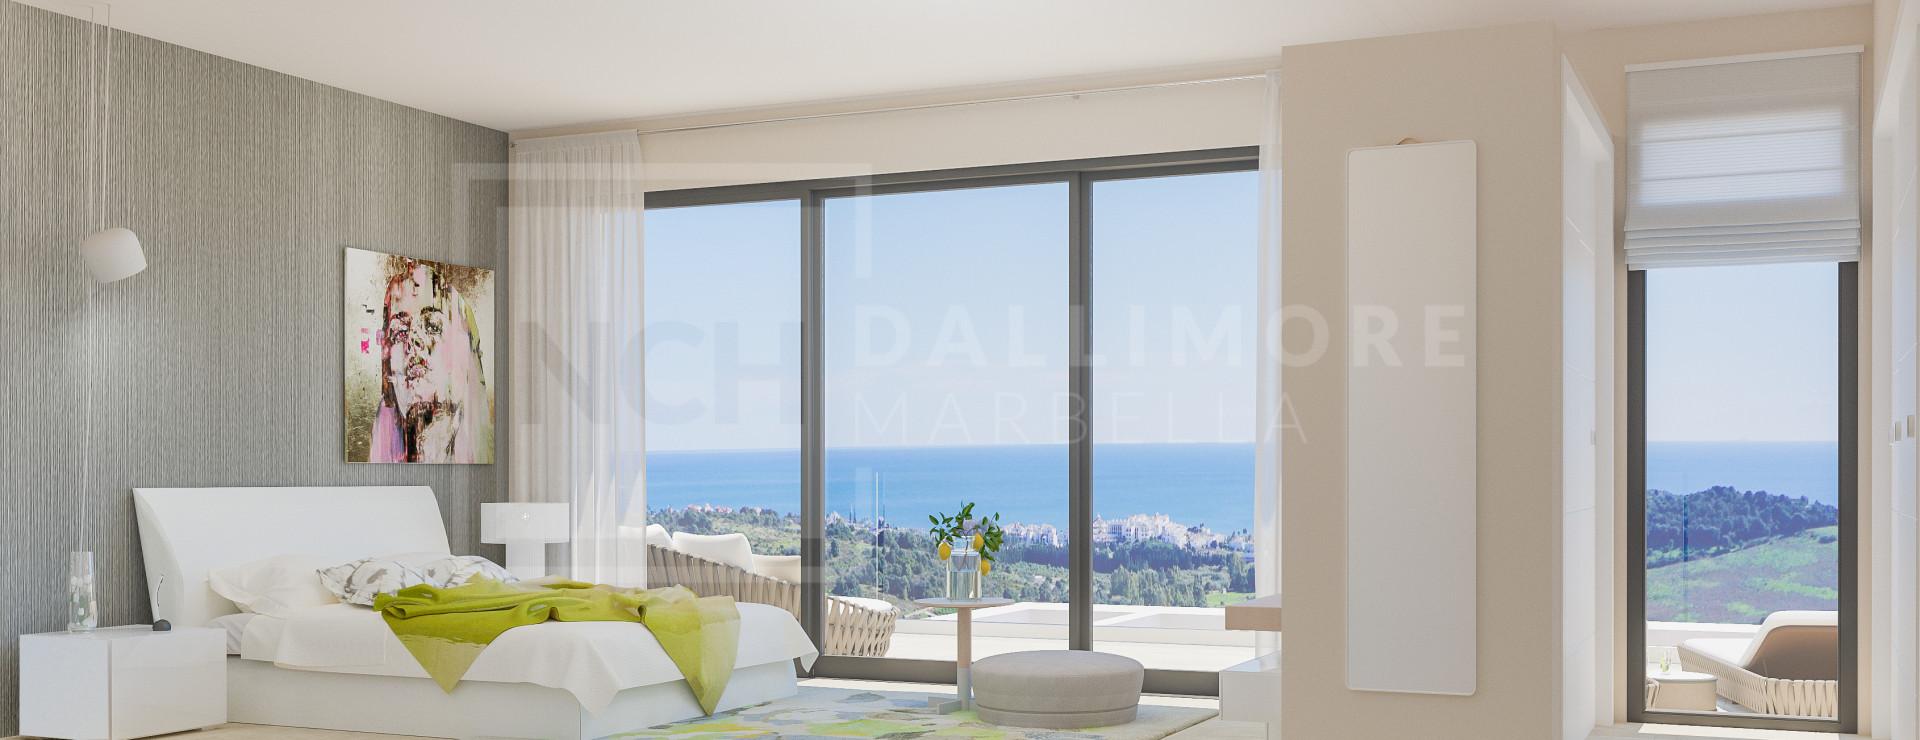 Ground Floor Apartment Estepona Golf, Estepona – NEWA6866